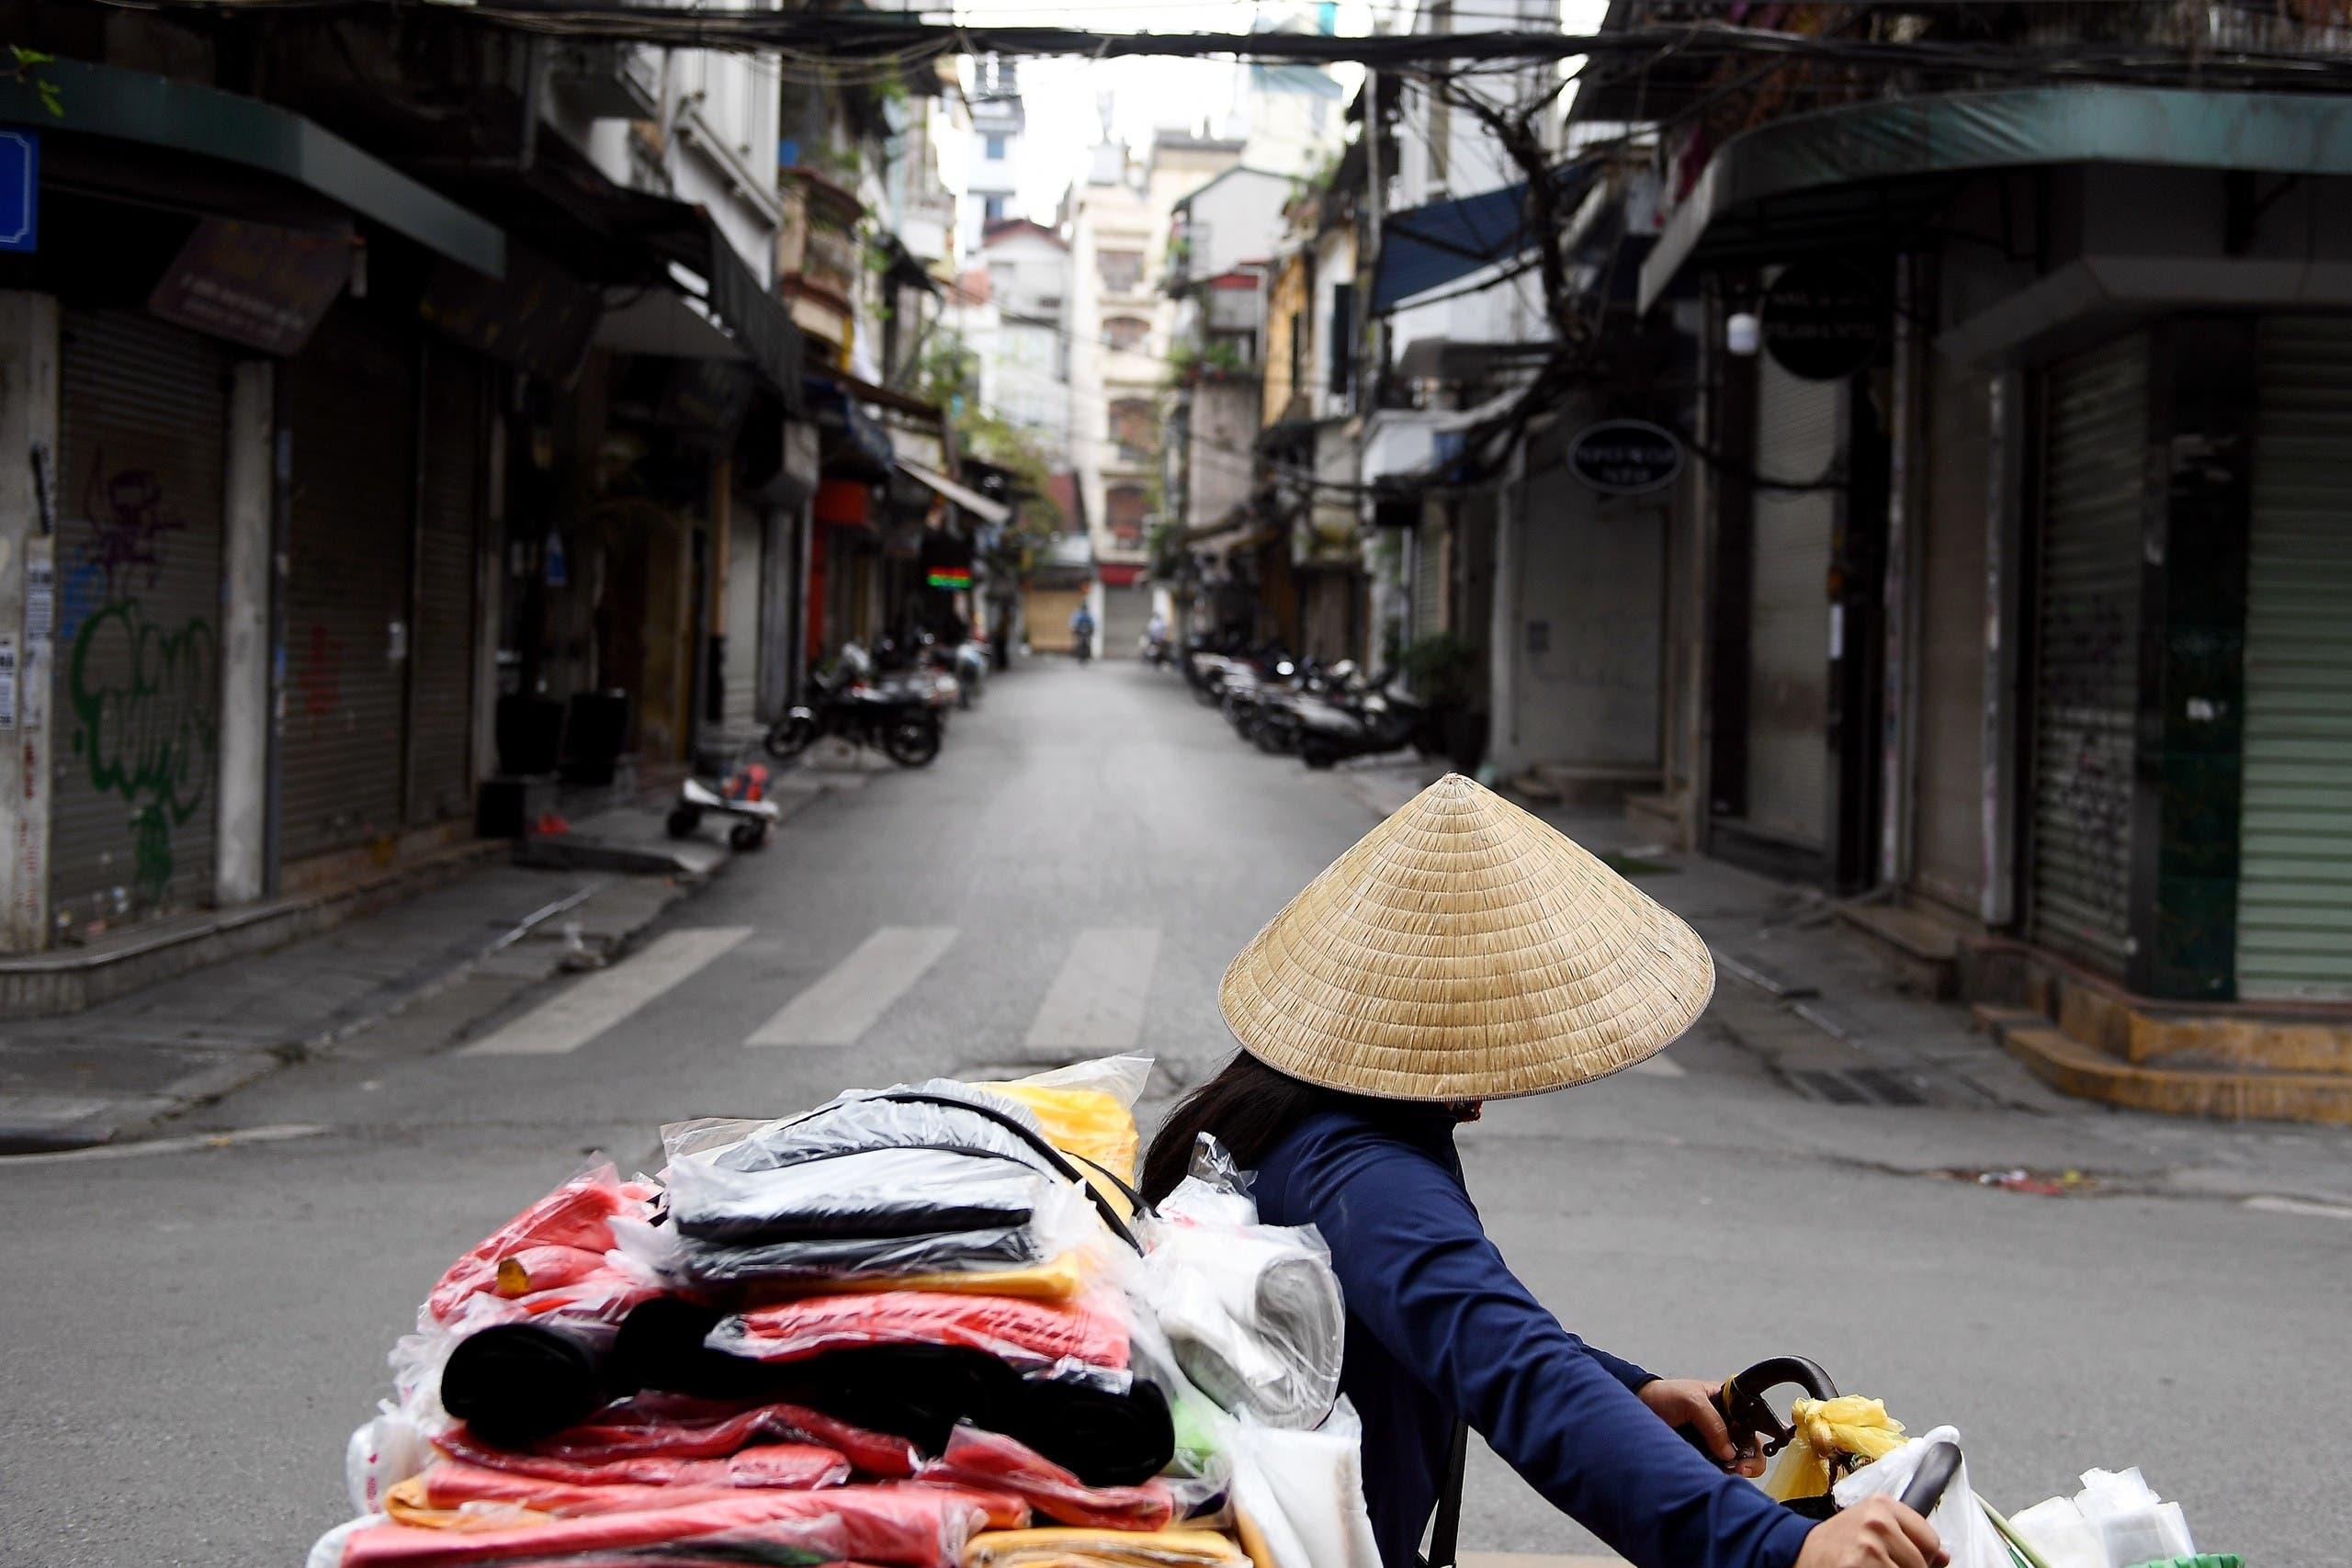 شوارع هانوي الخالية من المشاة بسبب الخوف من فيروس كورونا